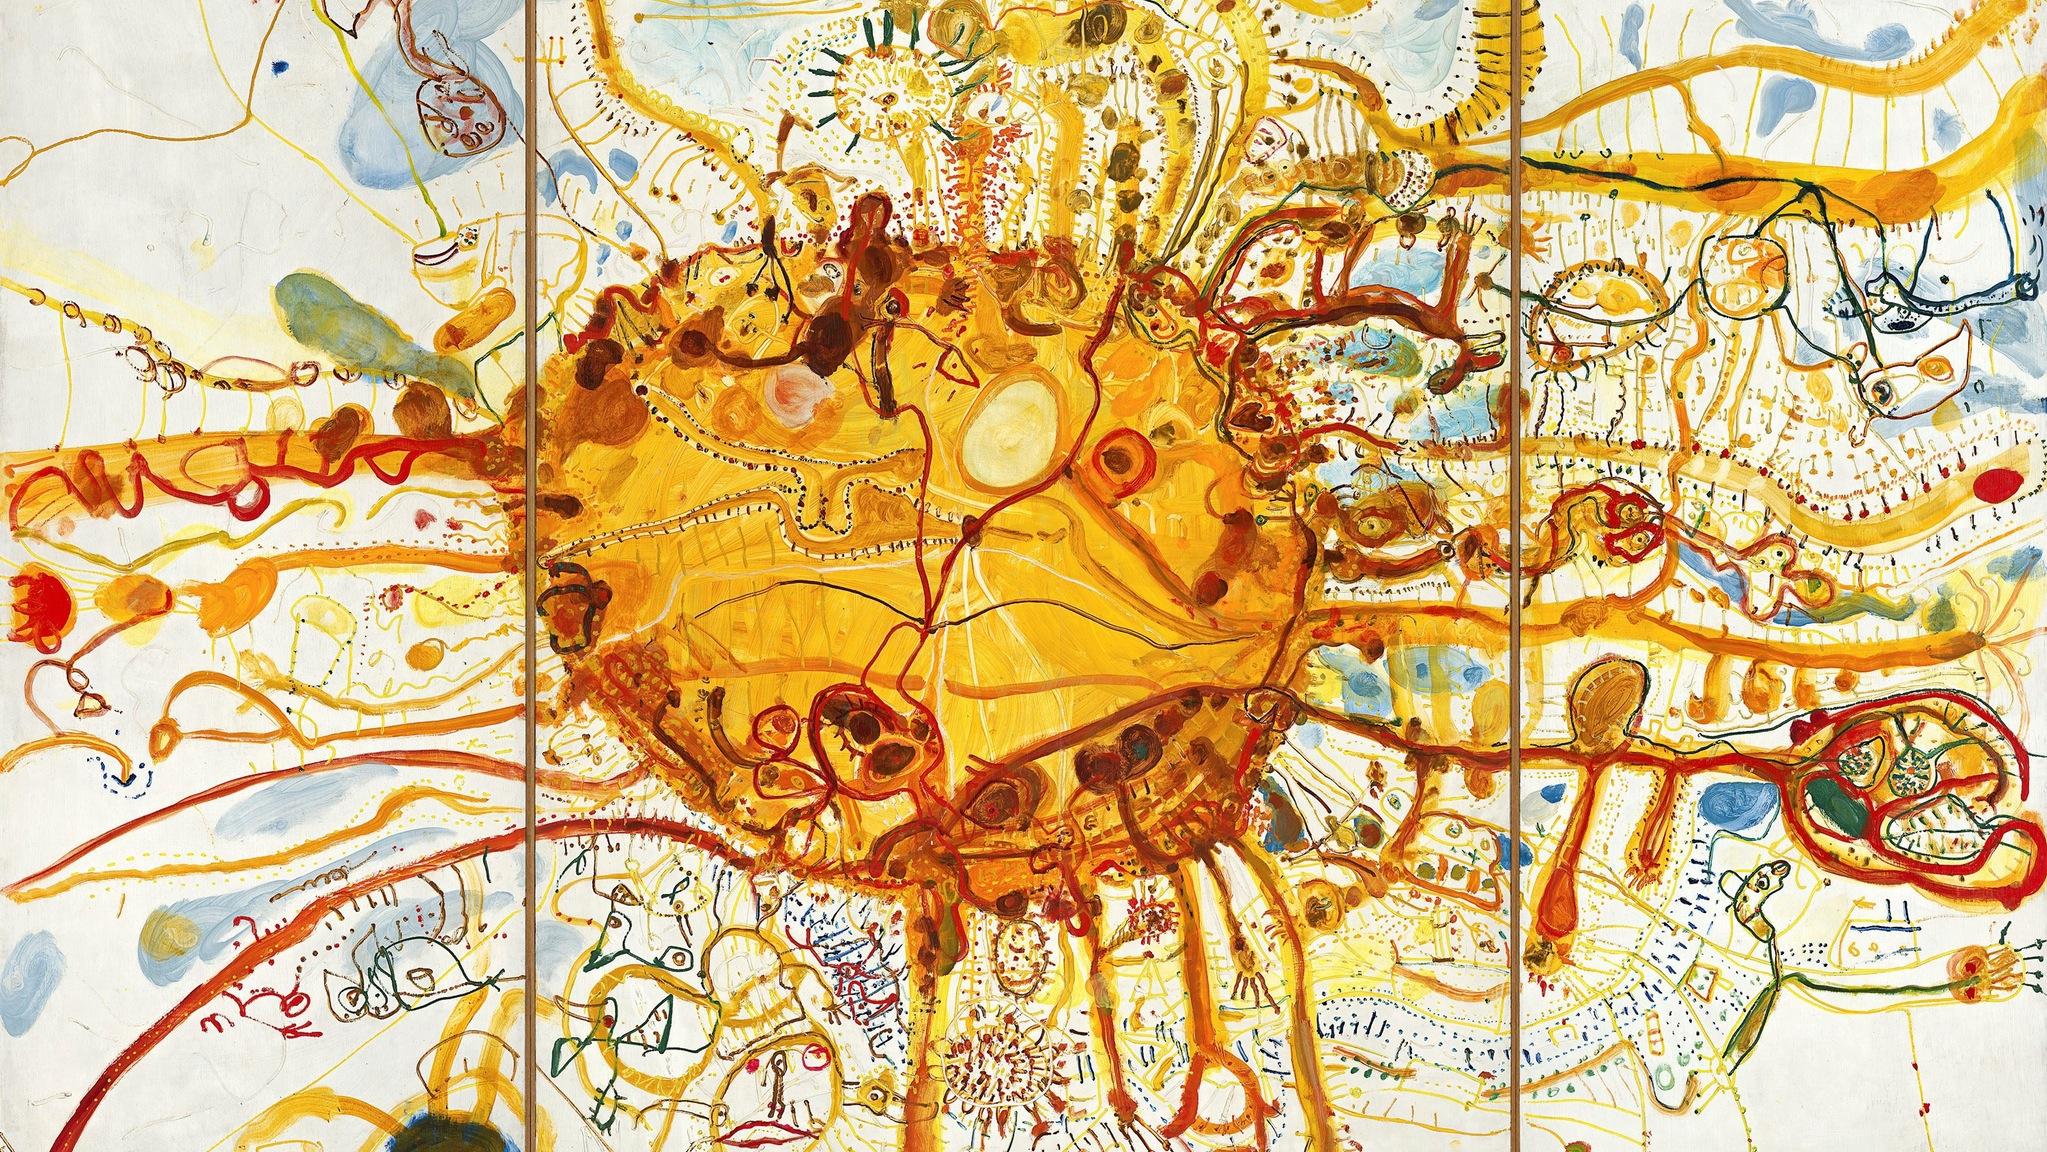 Sydney sun (or King Sun) 1965